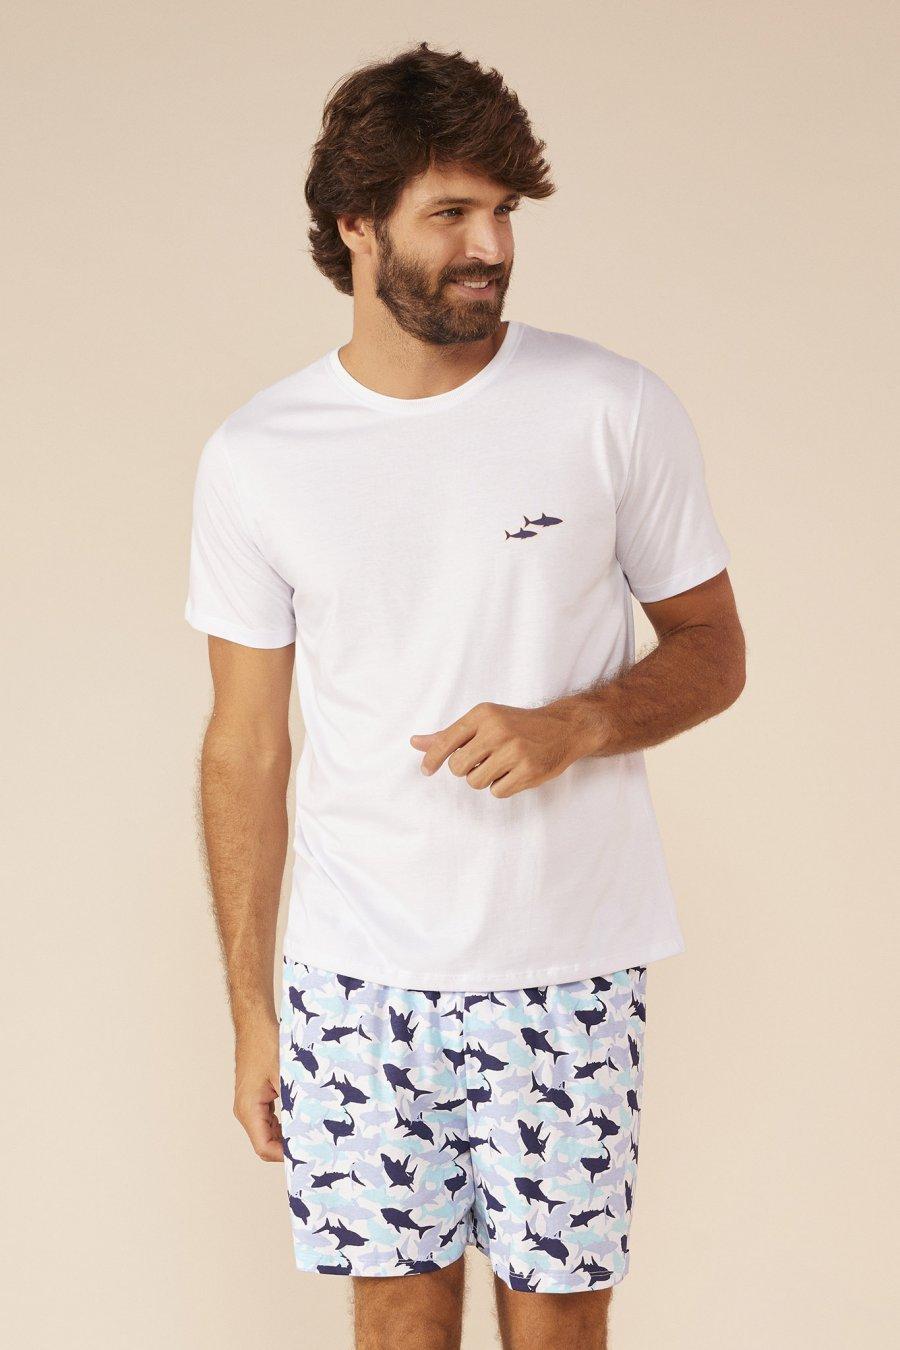 LANÇAMENTO Pijama Teen 100% Algodão Felicidade Mundo dos Sonhos Primavera Verão 22 MDS